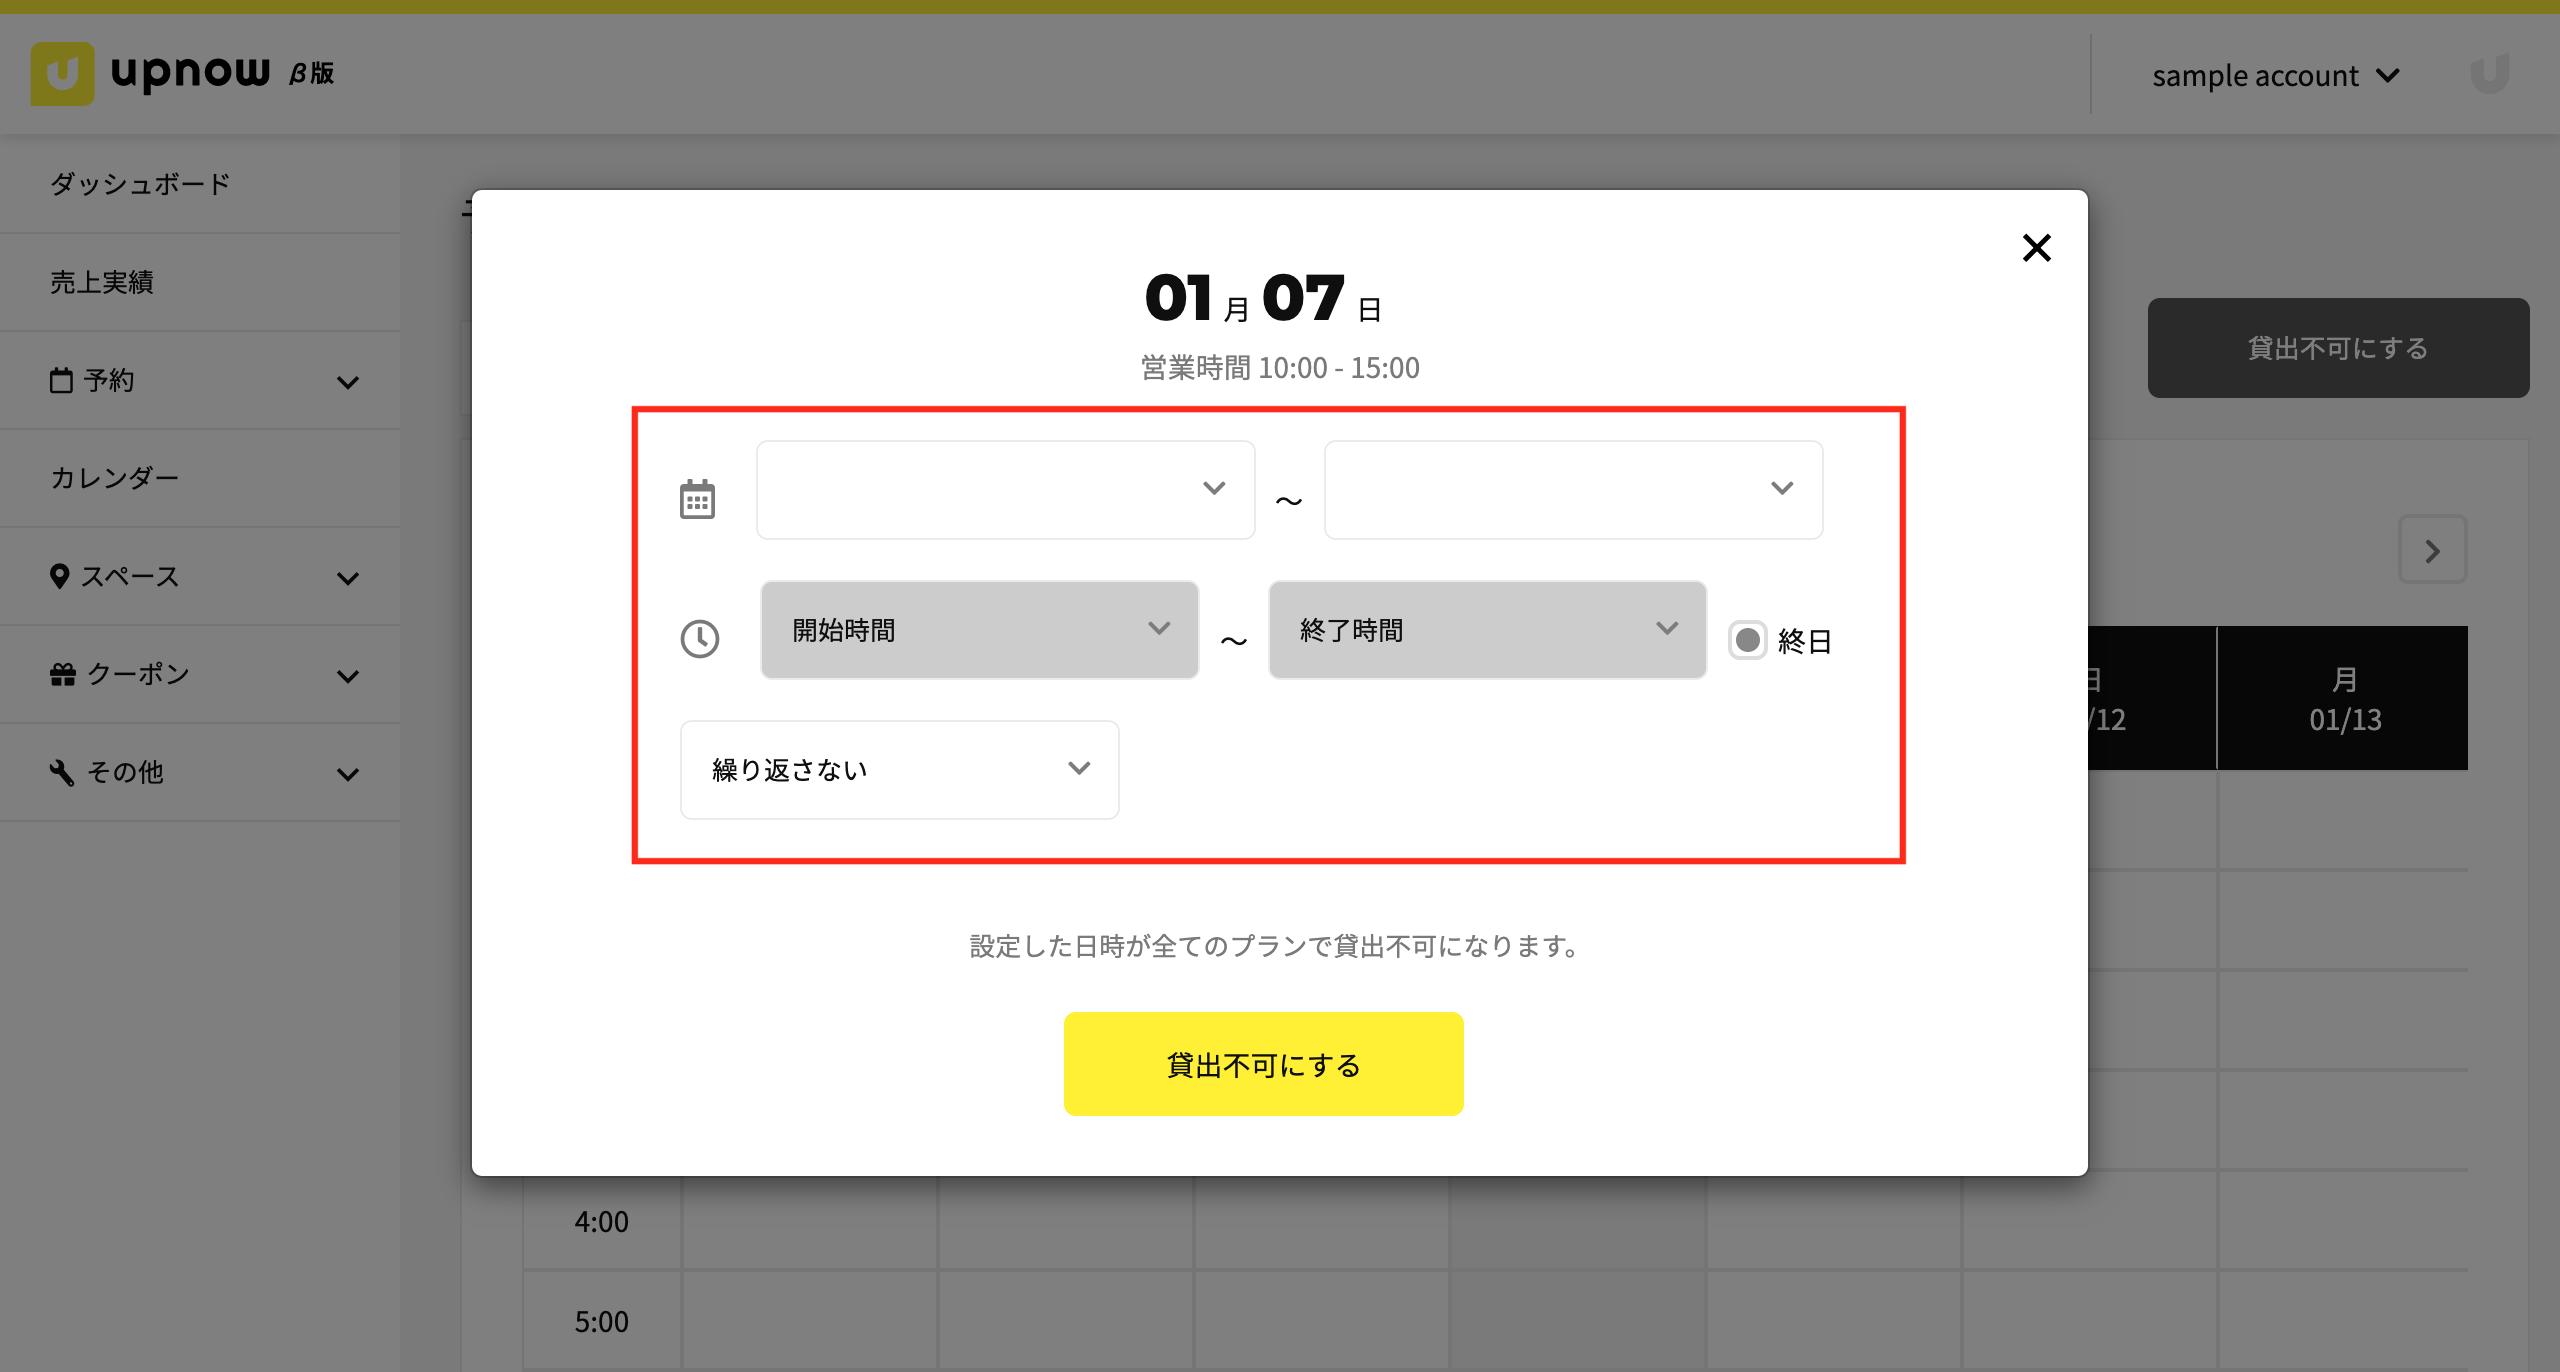 スクリーンショット 2020-01-10 15.14.53.png